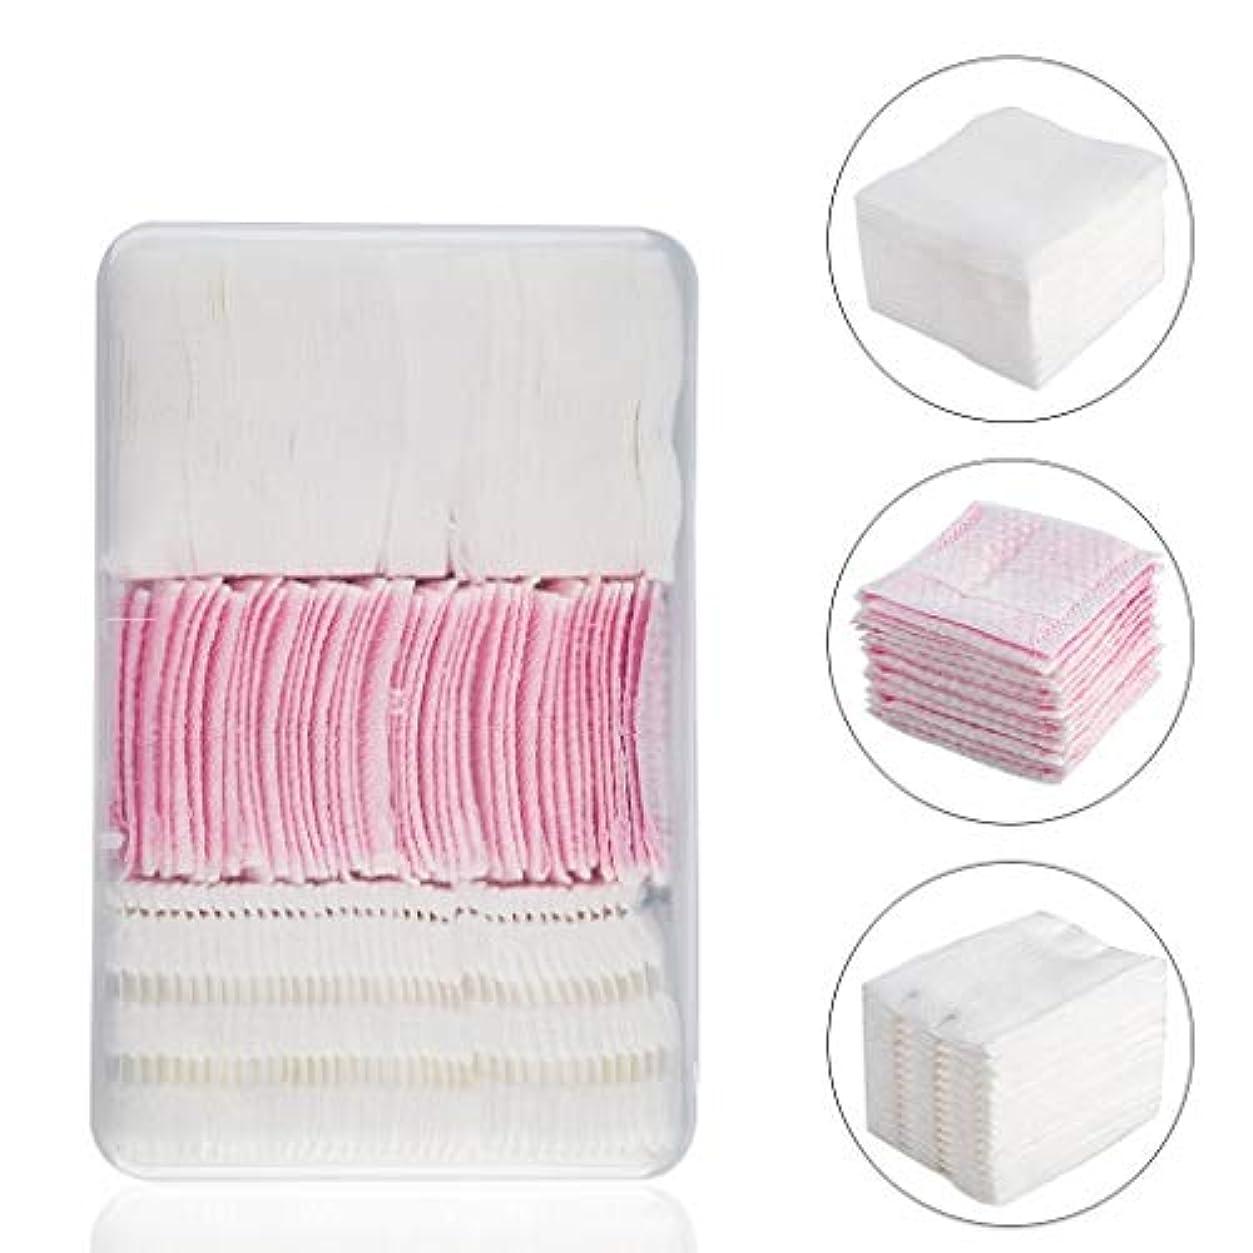 海峡建物インフルエンザクレンジングシート コンビネーション使い捨て厚い綿パッド薄いパッドクリーニングワイパーリムーバーソフト多層クレンジングタオルタオルパッド (Color : White or Pink)